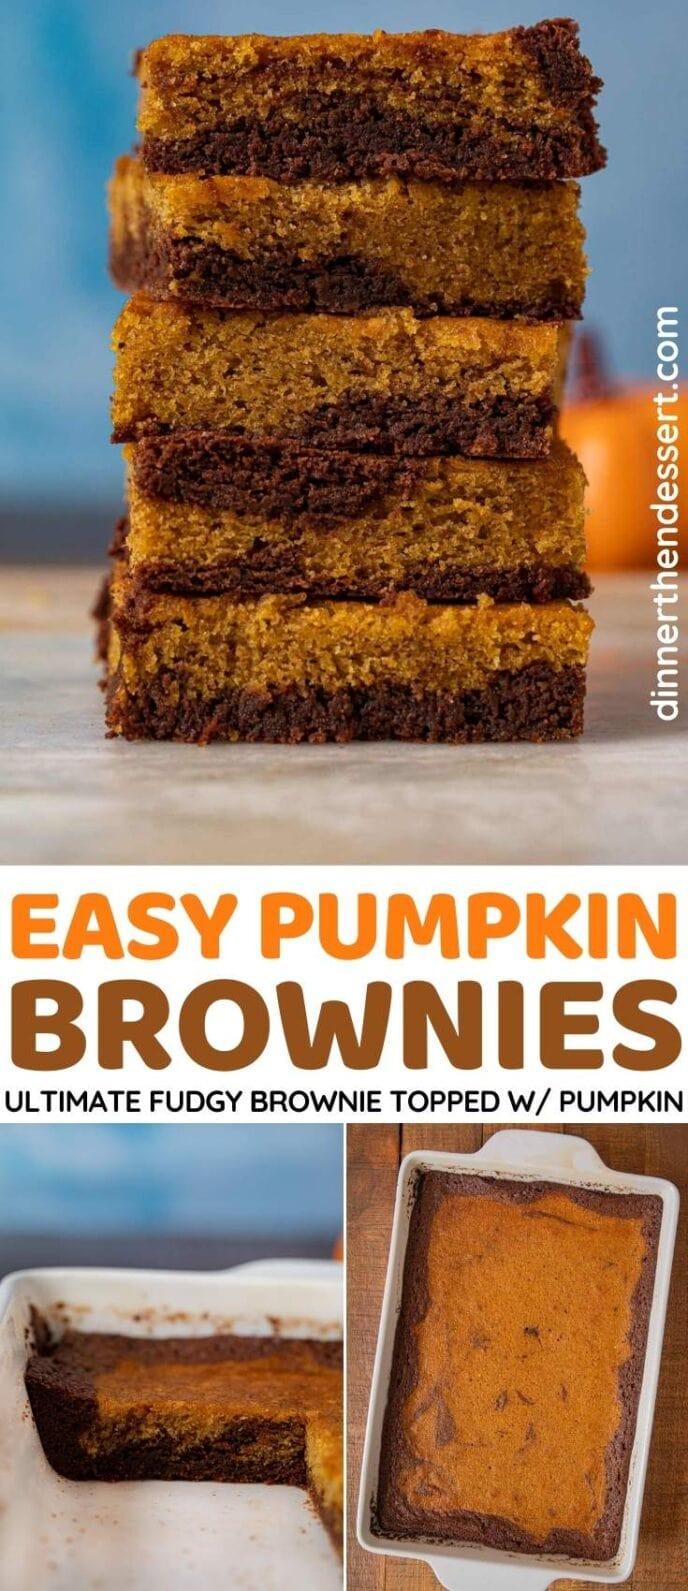 Pumpkin Brownies collage